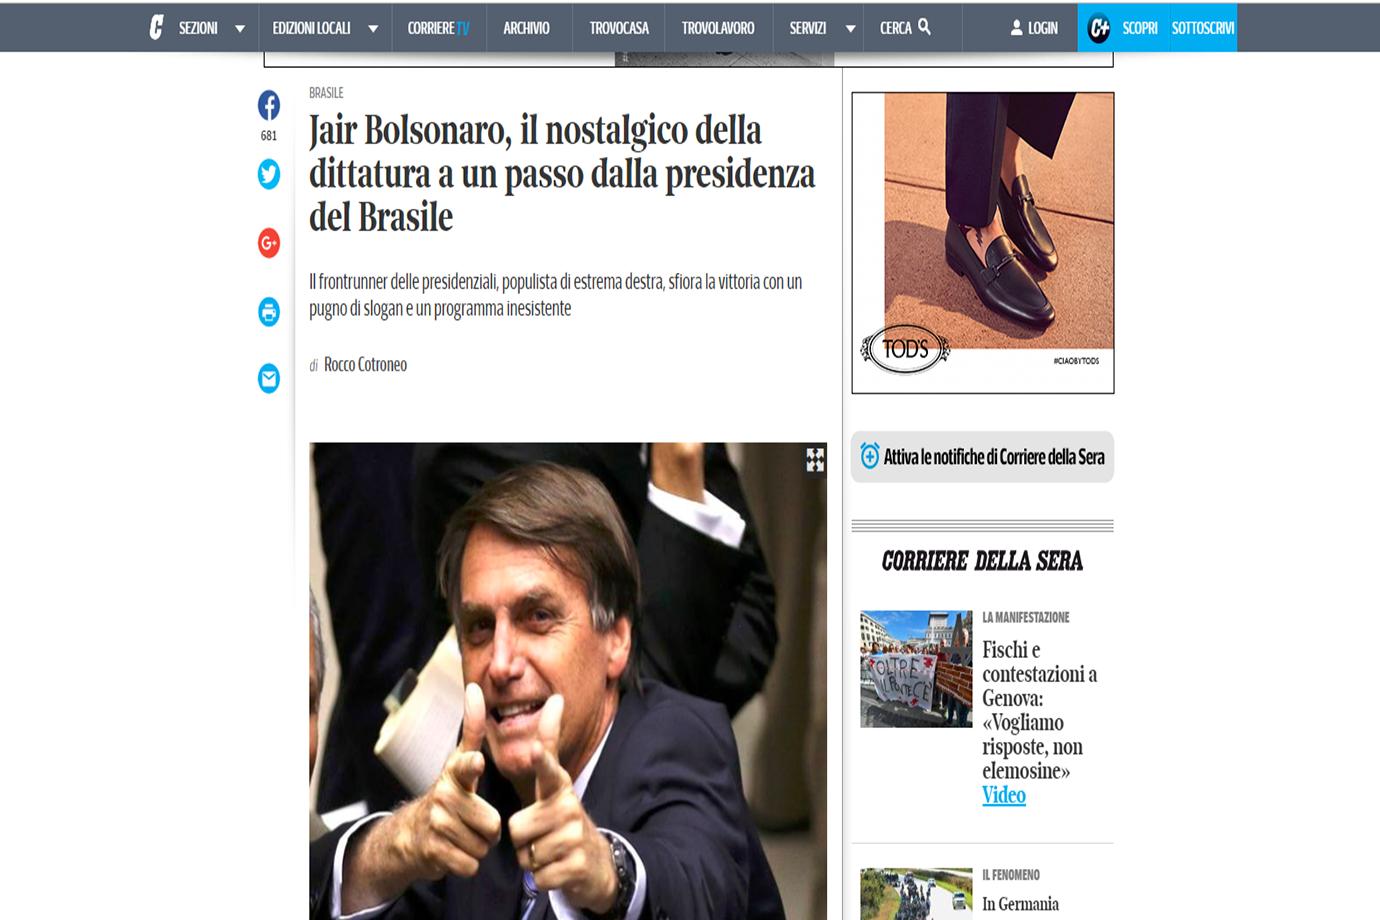 """Corriere della Sera: """"Jair Bolsonaro, o nostálgico da ditadura a um passo da presidência do Brasil"""""""